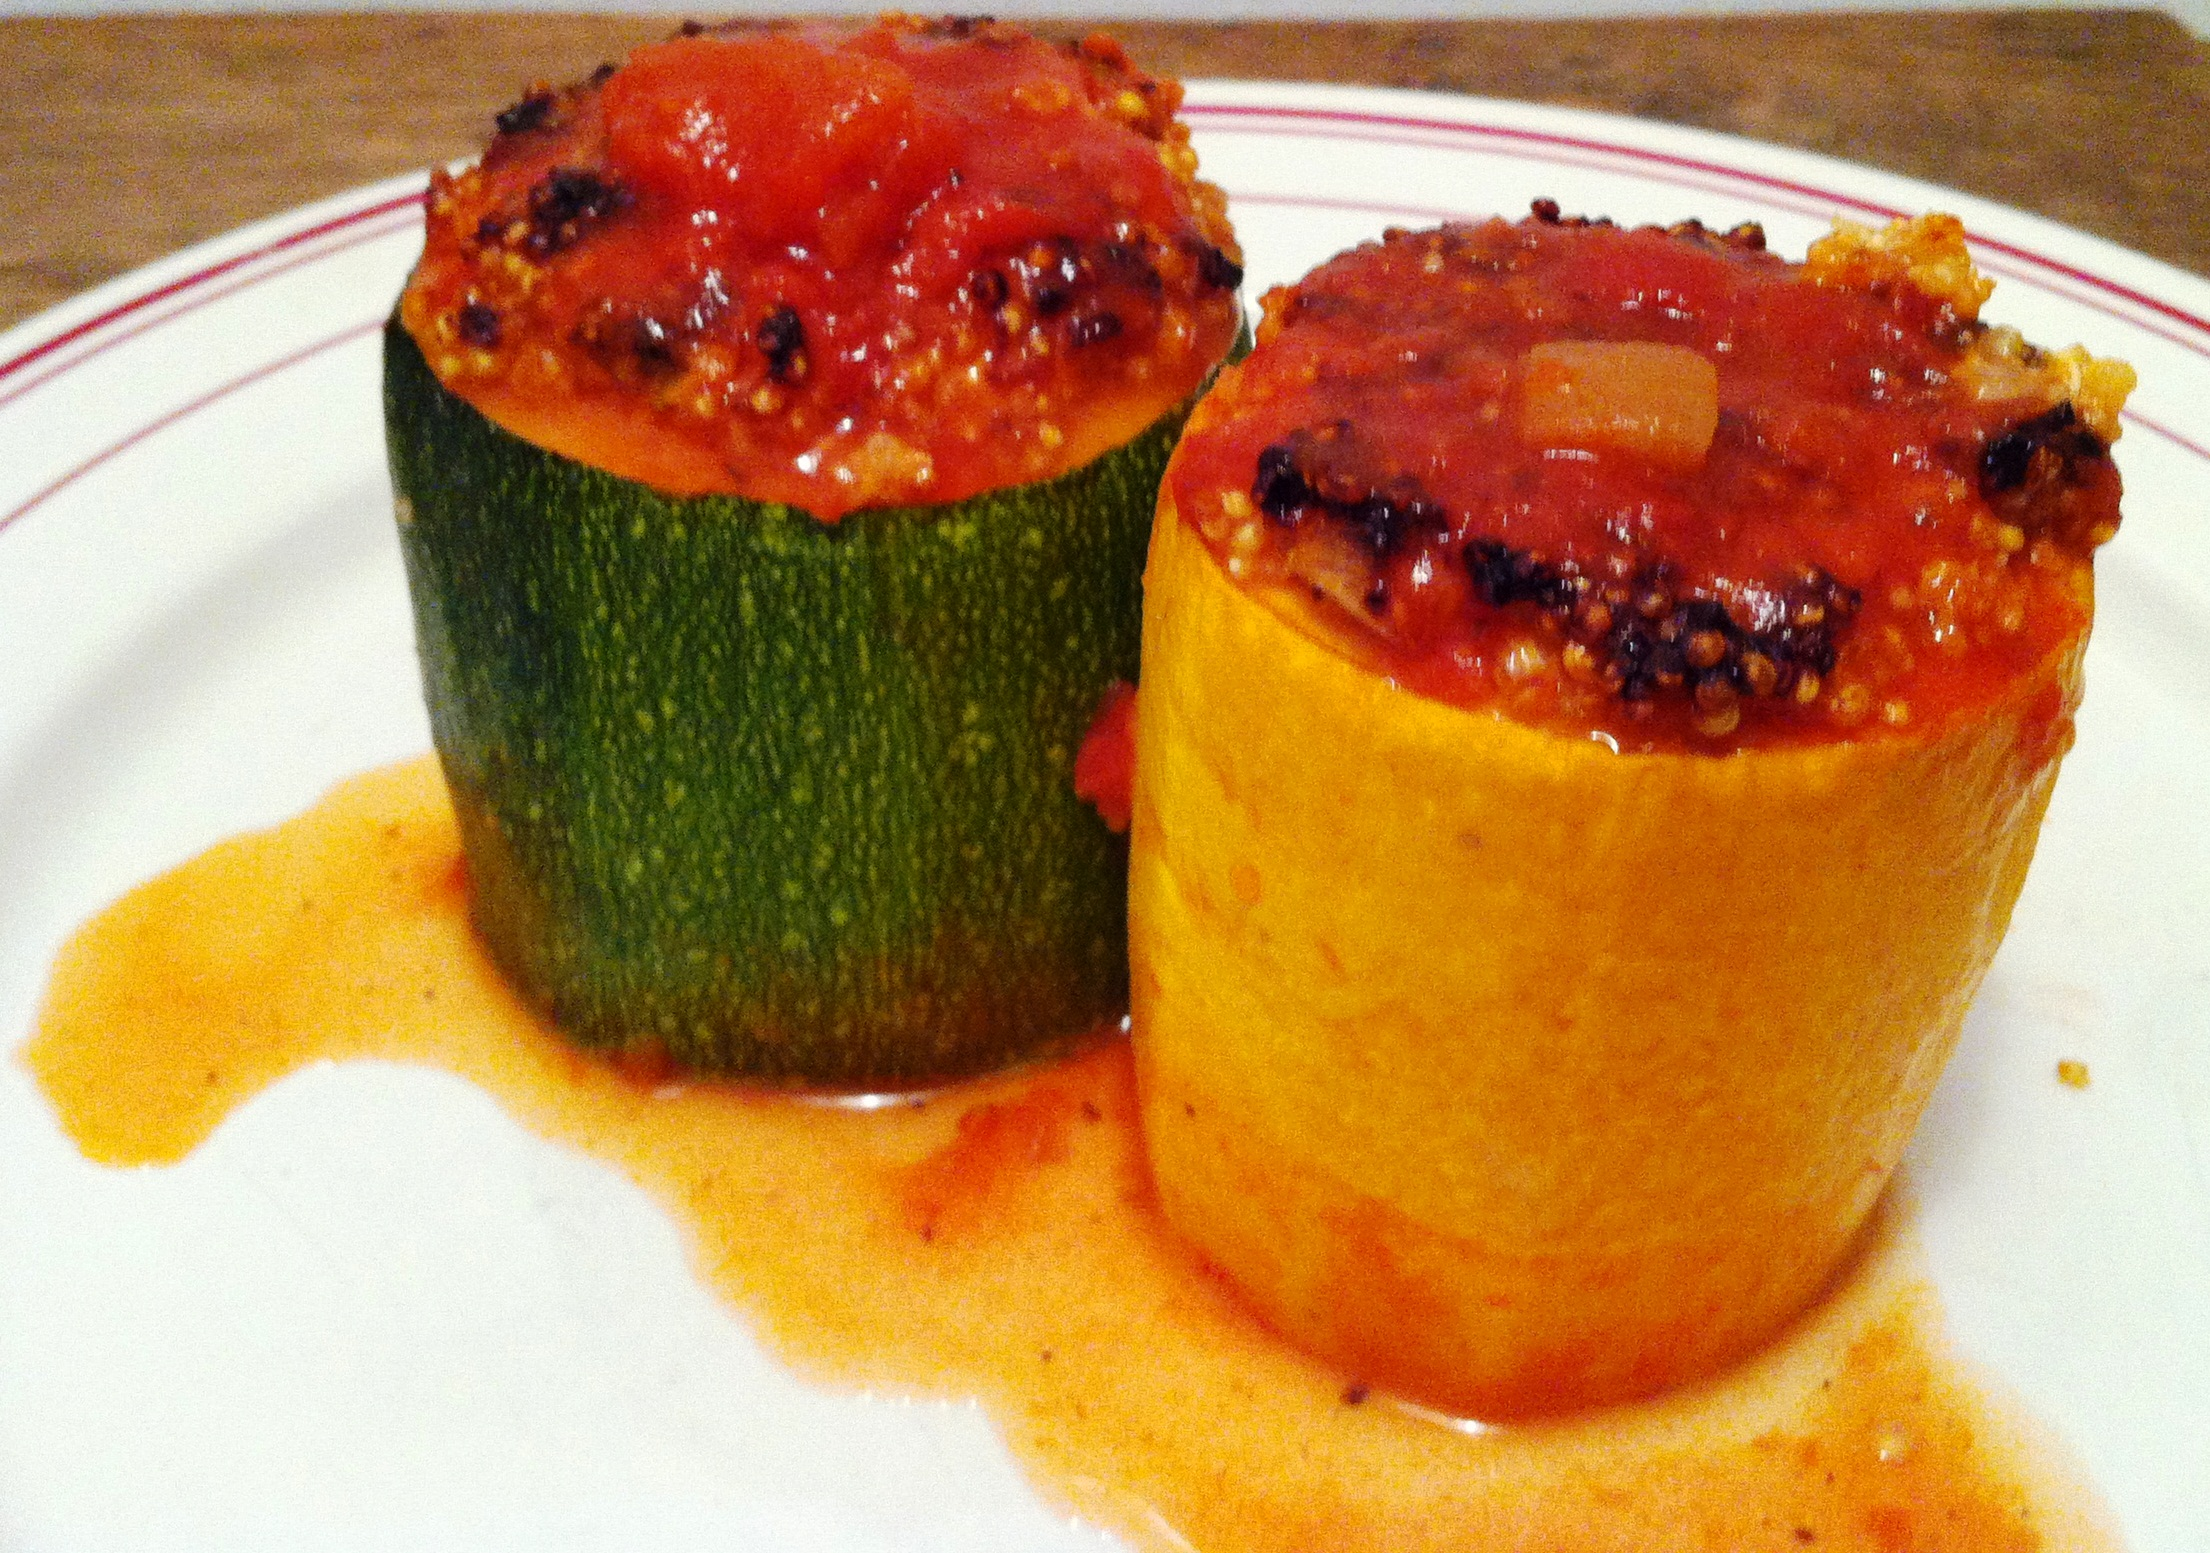 Courgettes rondes farcies au quinoa et f ta envie de - Cuisiner courgettes rondes ...